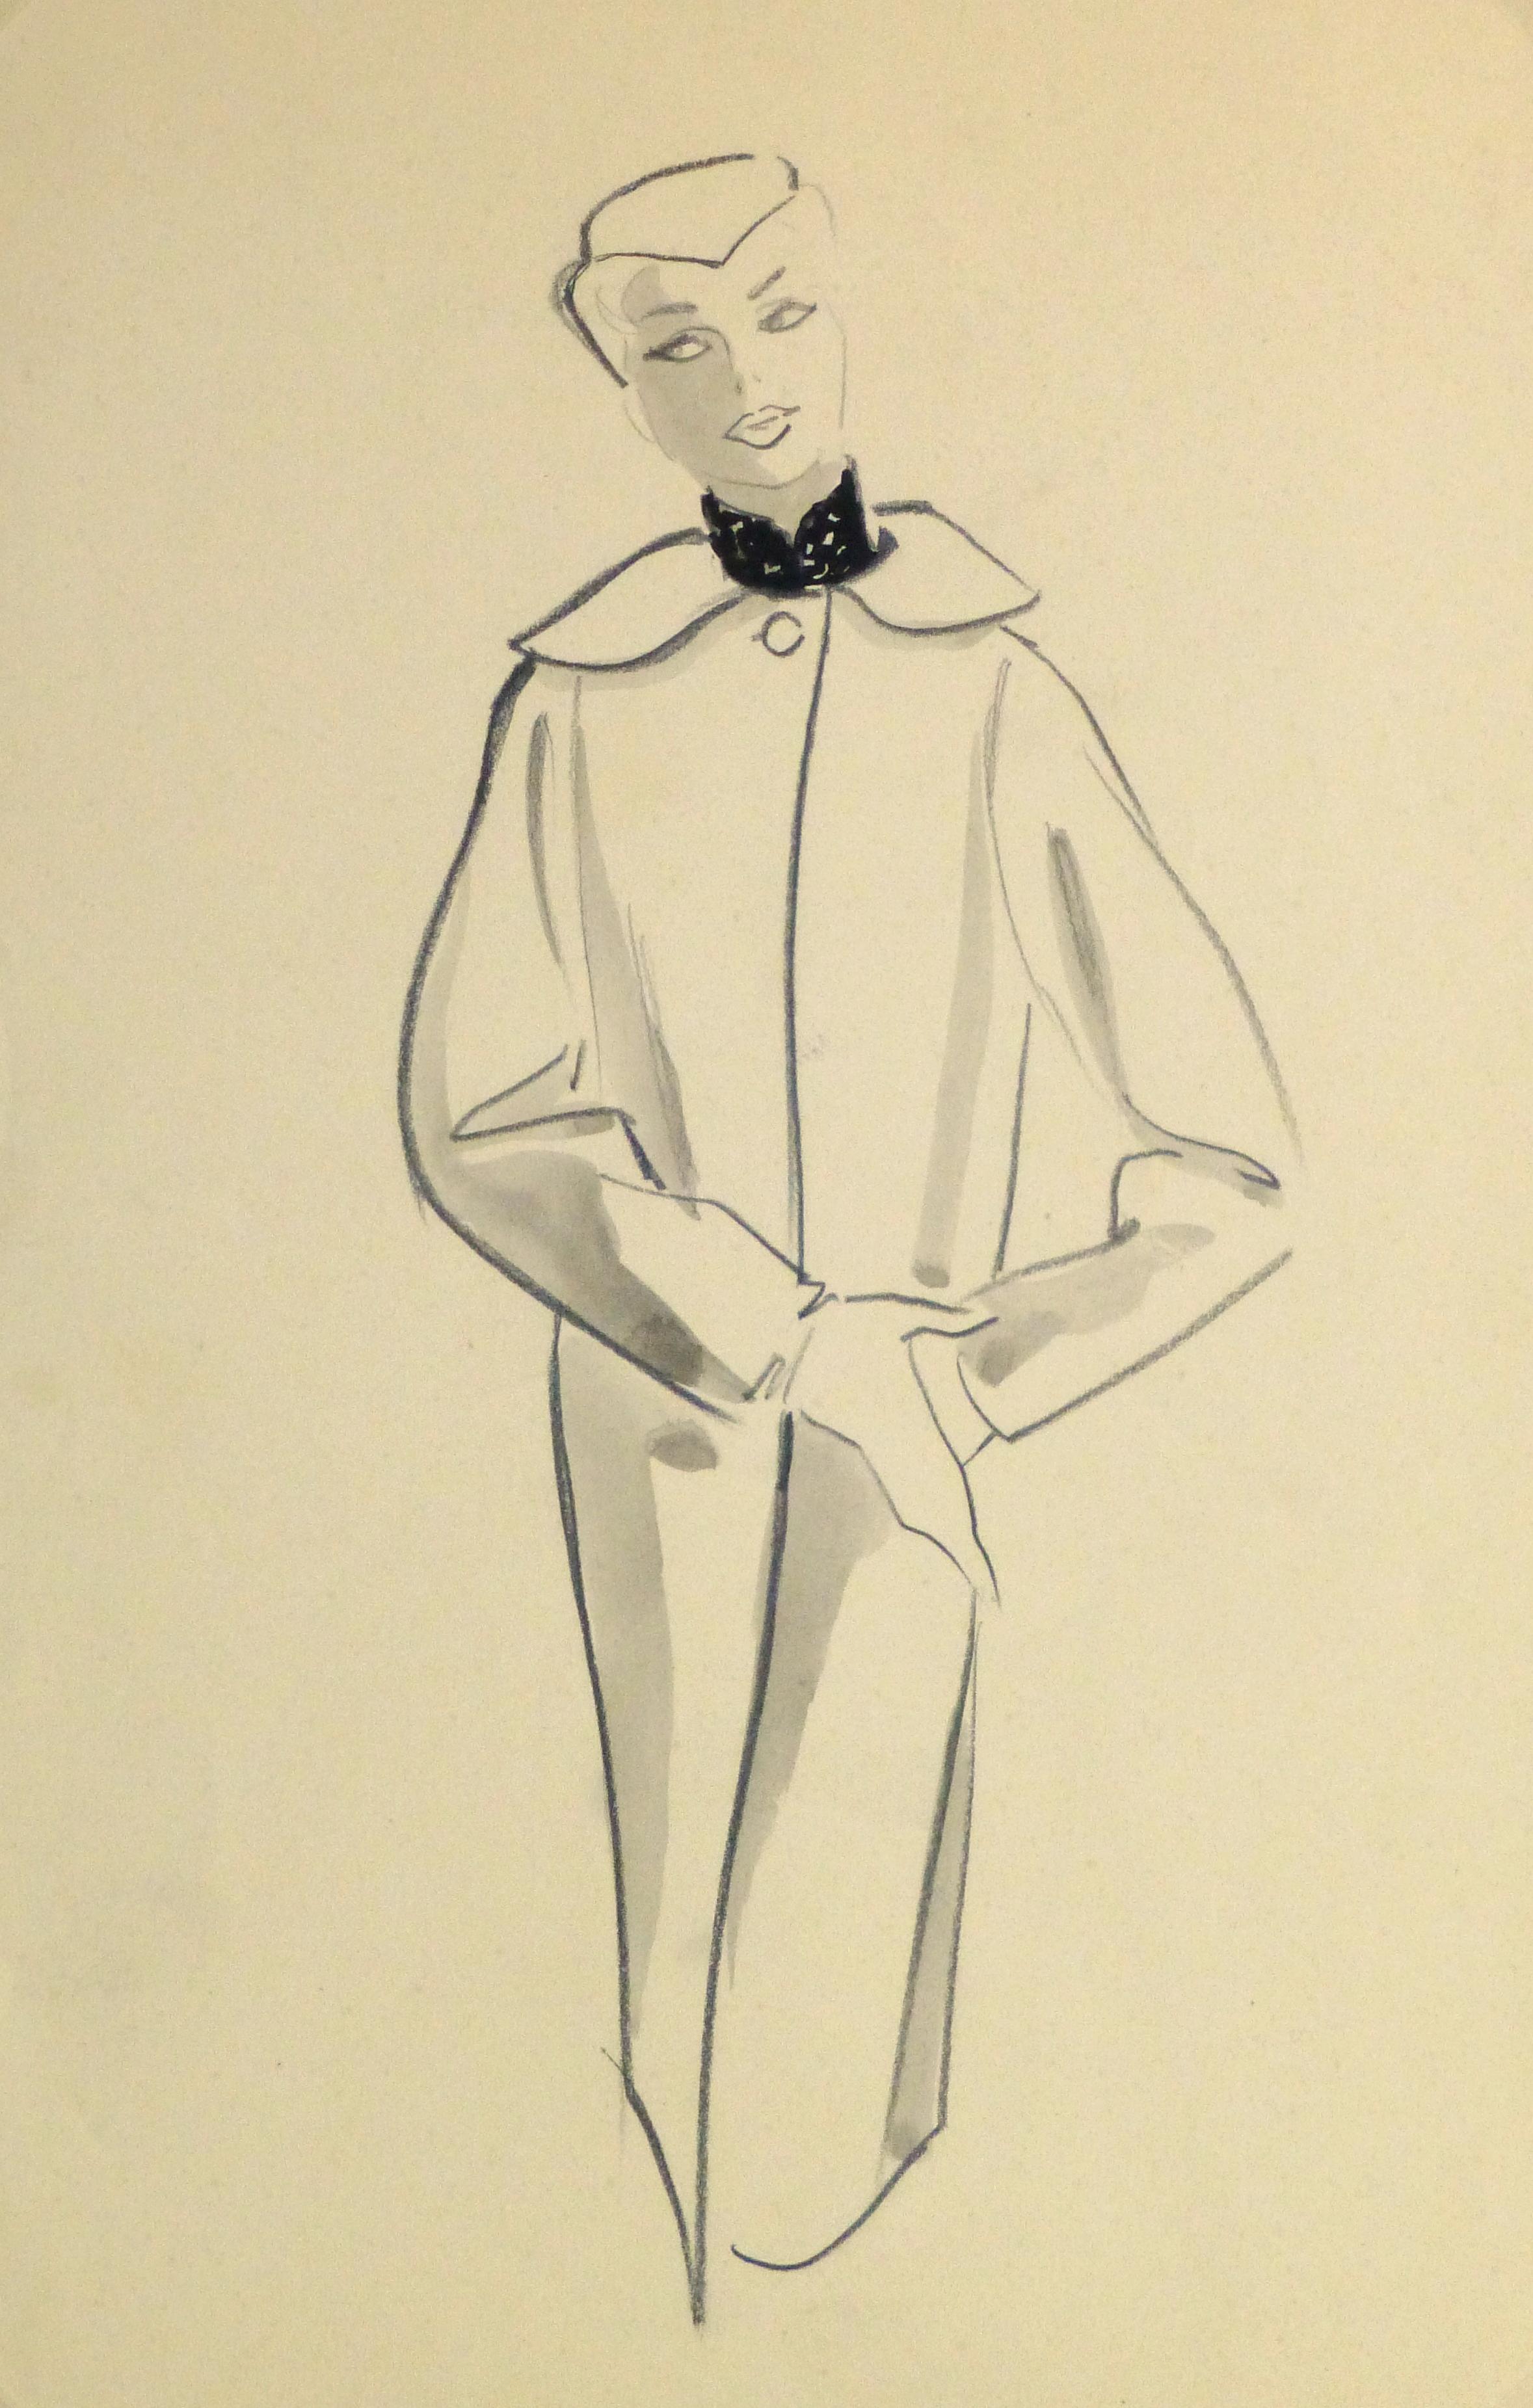 Pencil Fashion Sketch - Hendlin Long Swing Coat, 1957-main-10353M